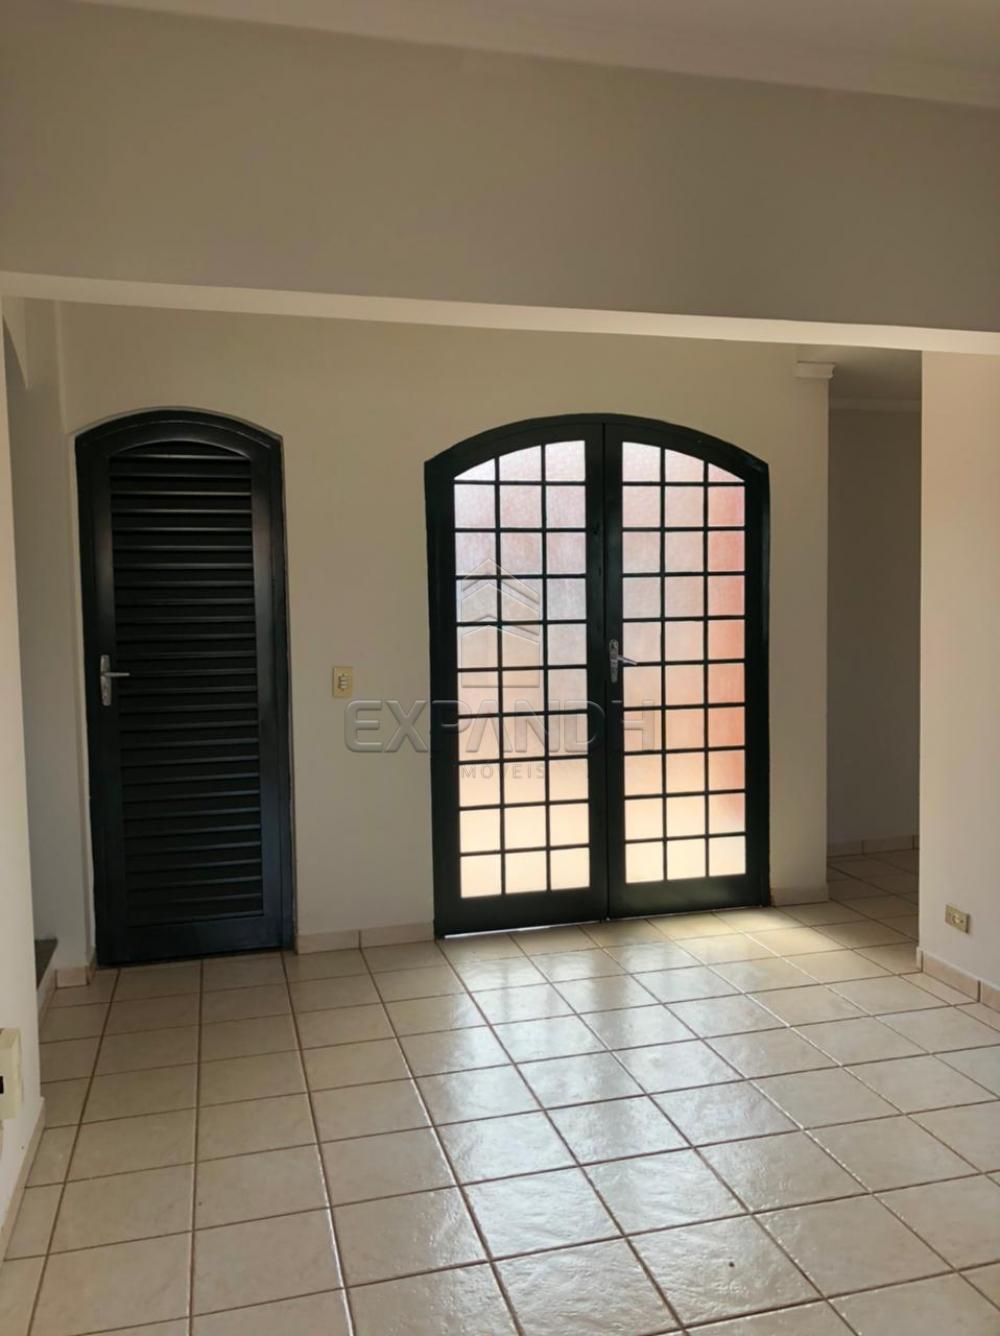 Alugar Casas / Padrão em Sertãozinho R$ 2.700,00 - Foto 5